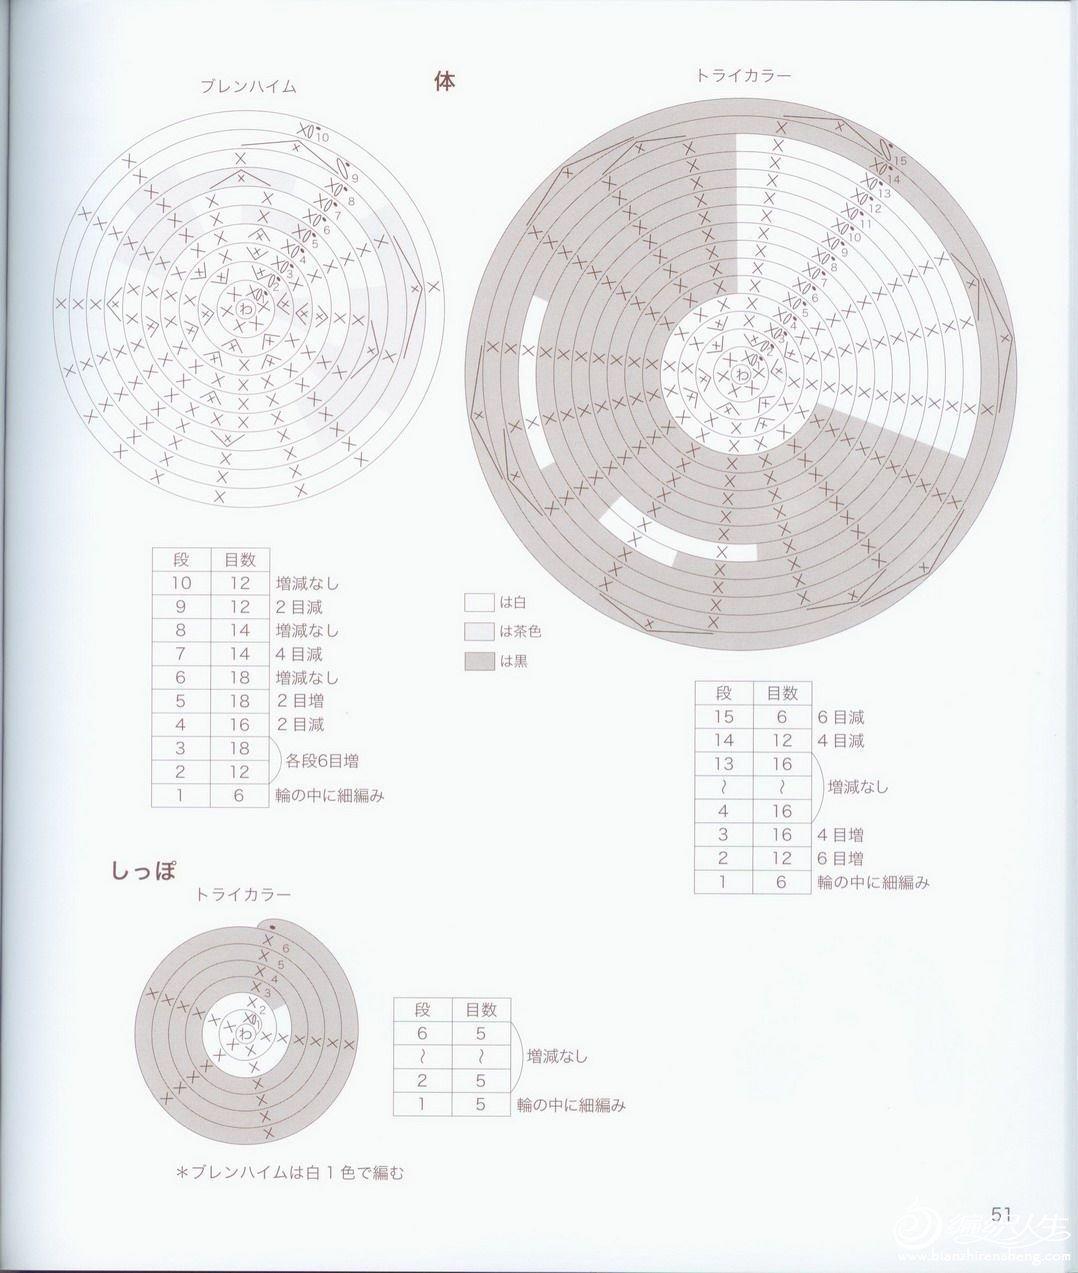 D151.jpg